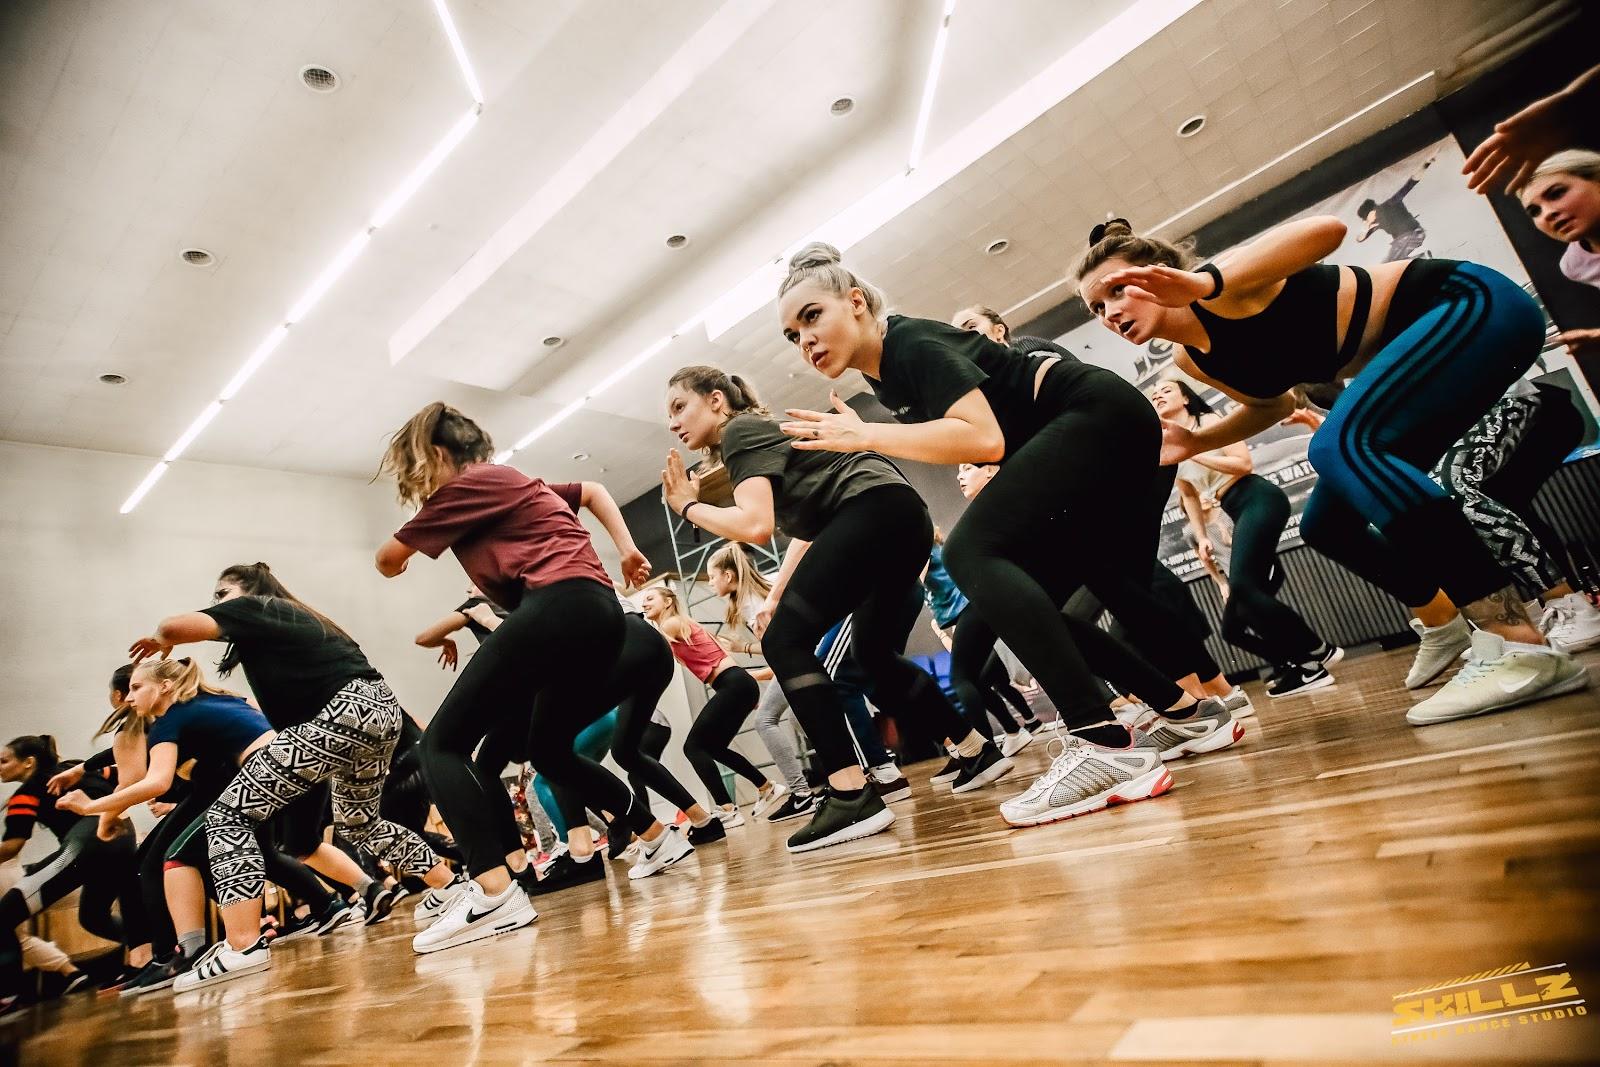 Dancehall Takeover seminarai (Jamaika, Belgija, Prancuzija) - IMG_8509.jpg